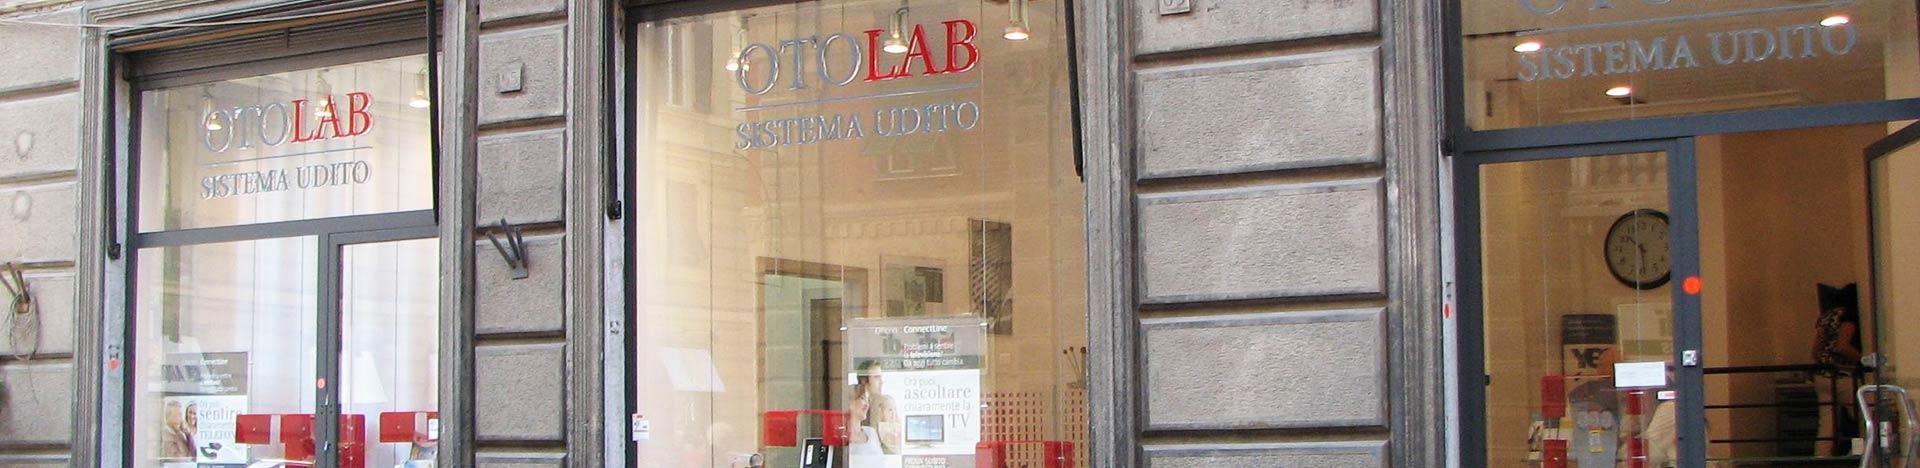 OTOLAB - Soluzioni per l'udito